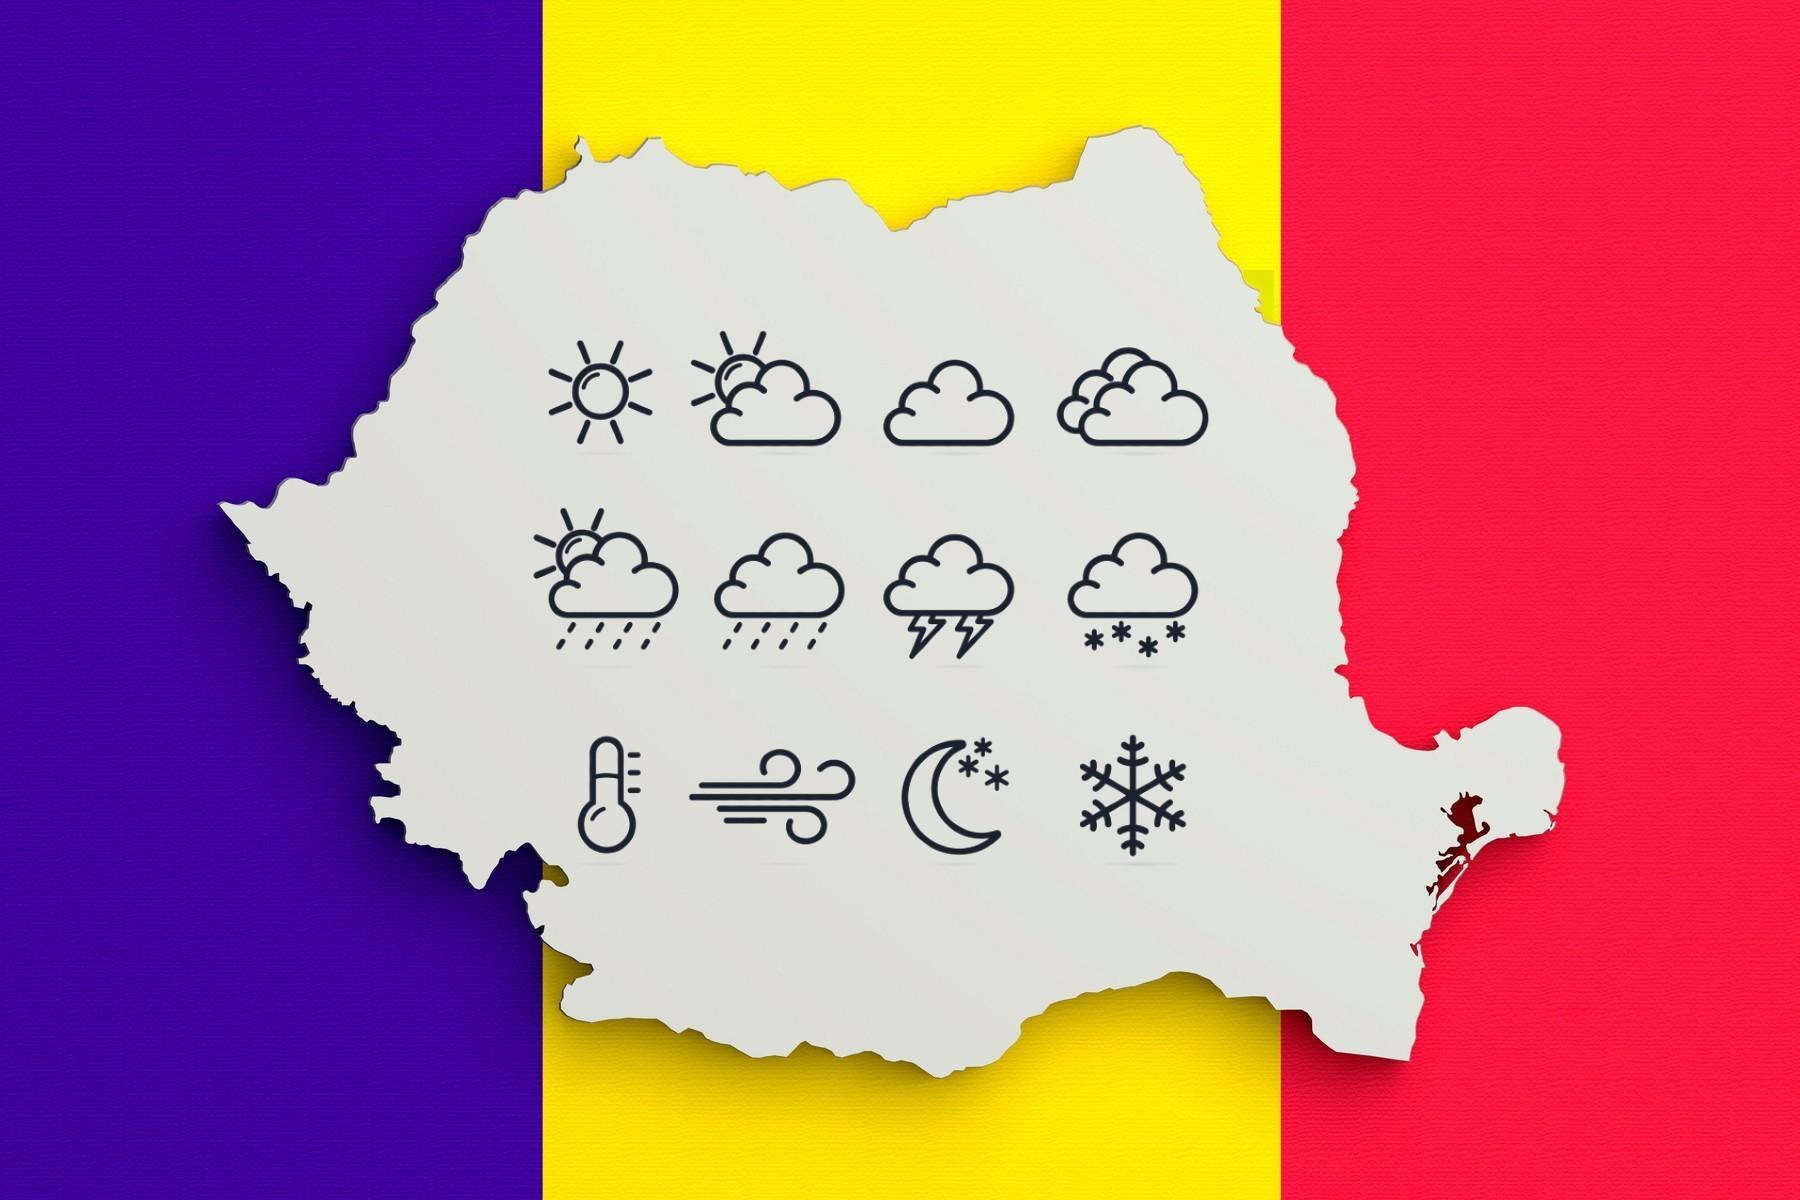 Prognoza meteo 19 septembrie 2021. Cum e vremea în România și care sunt previziunile ANM pentru astăzi